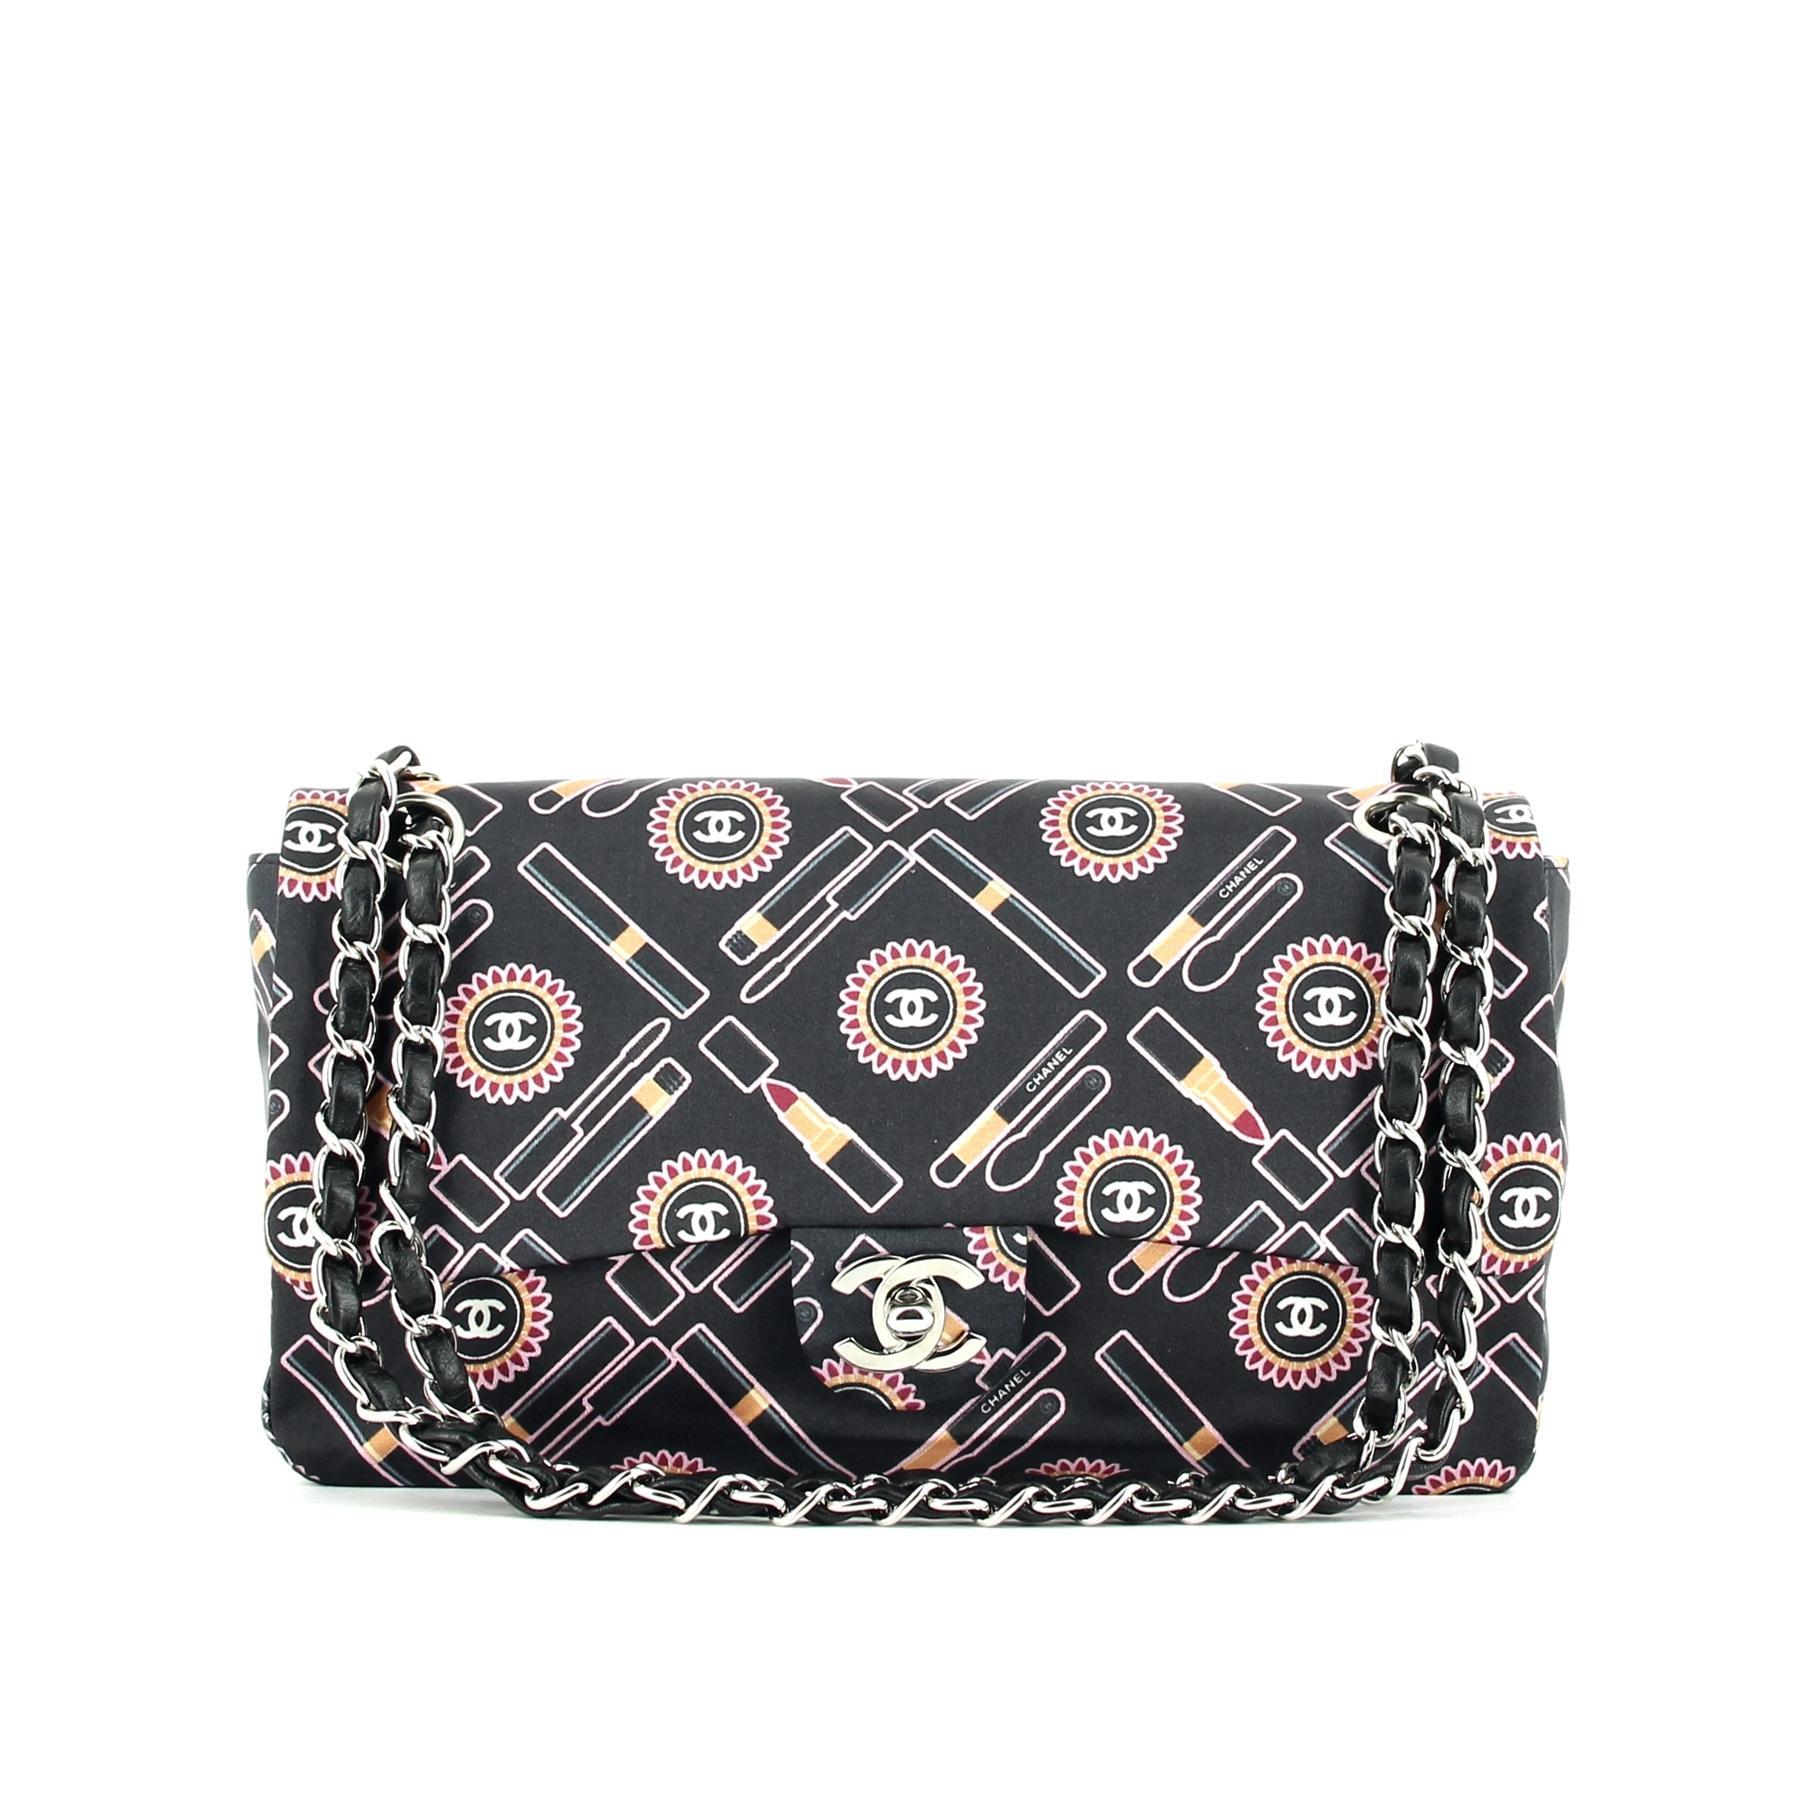 b0548862b27 Toute l éternité dans le sac classique de Chanel - Madame Figaro